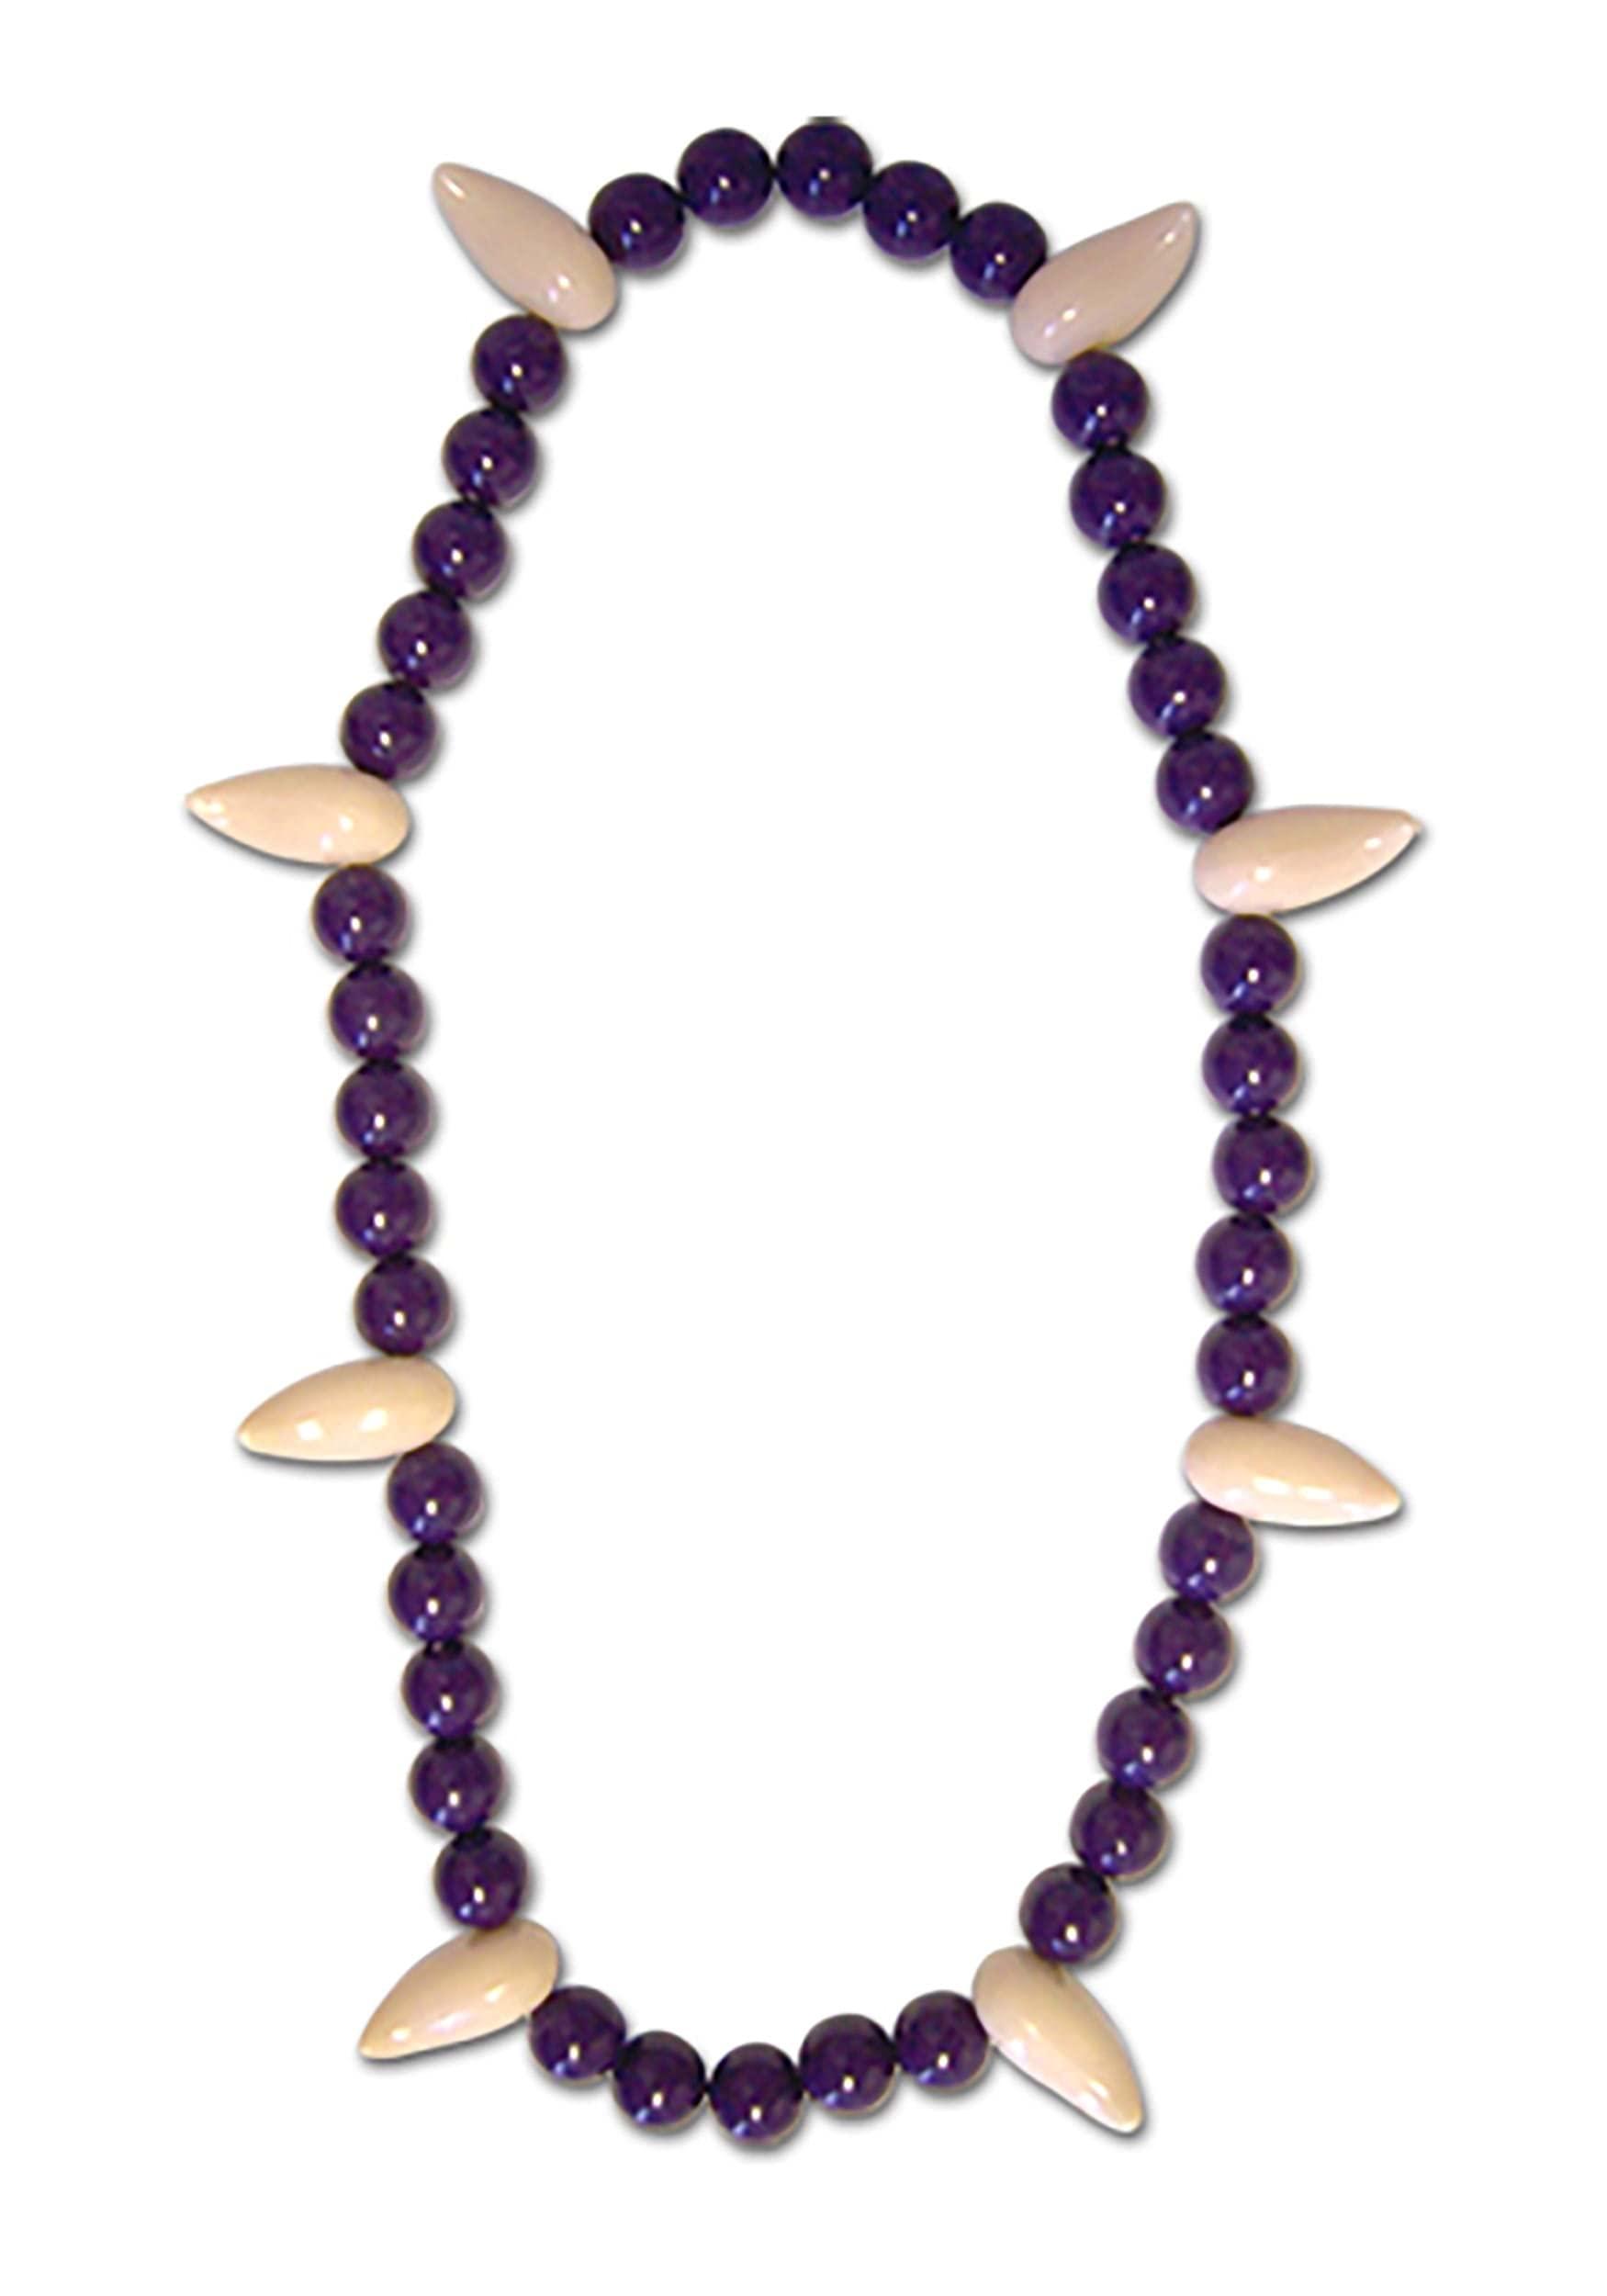 Inuyasha Beads of Subjugation Necklace, Purple, One Size